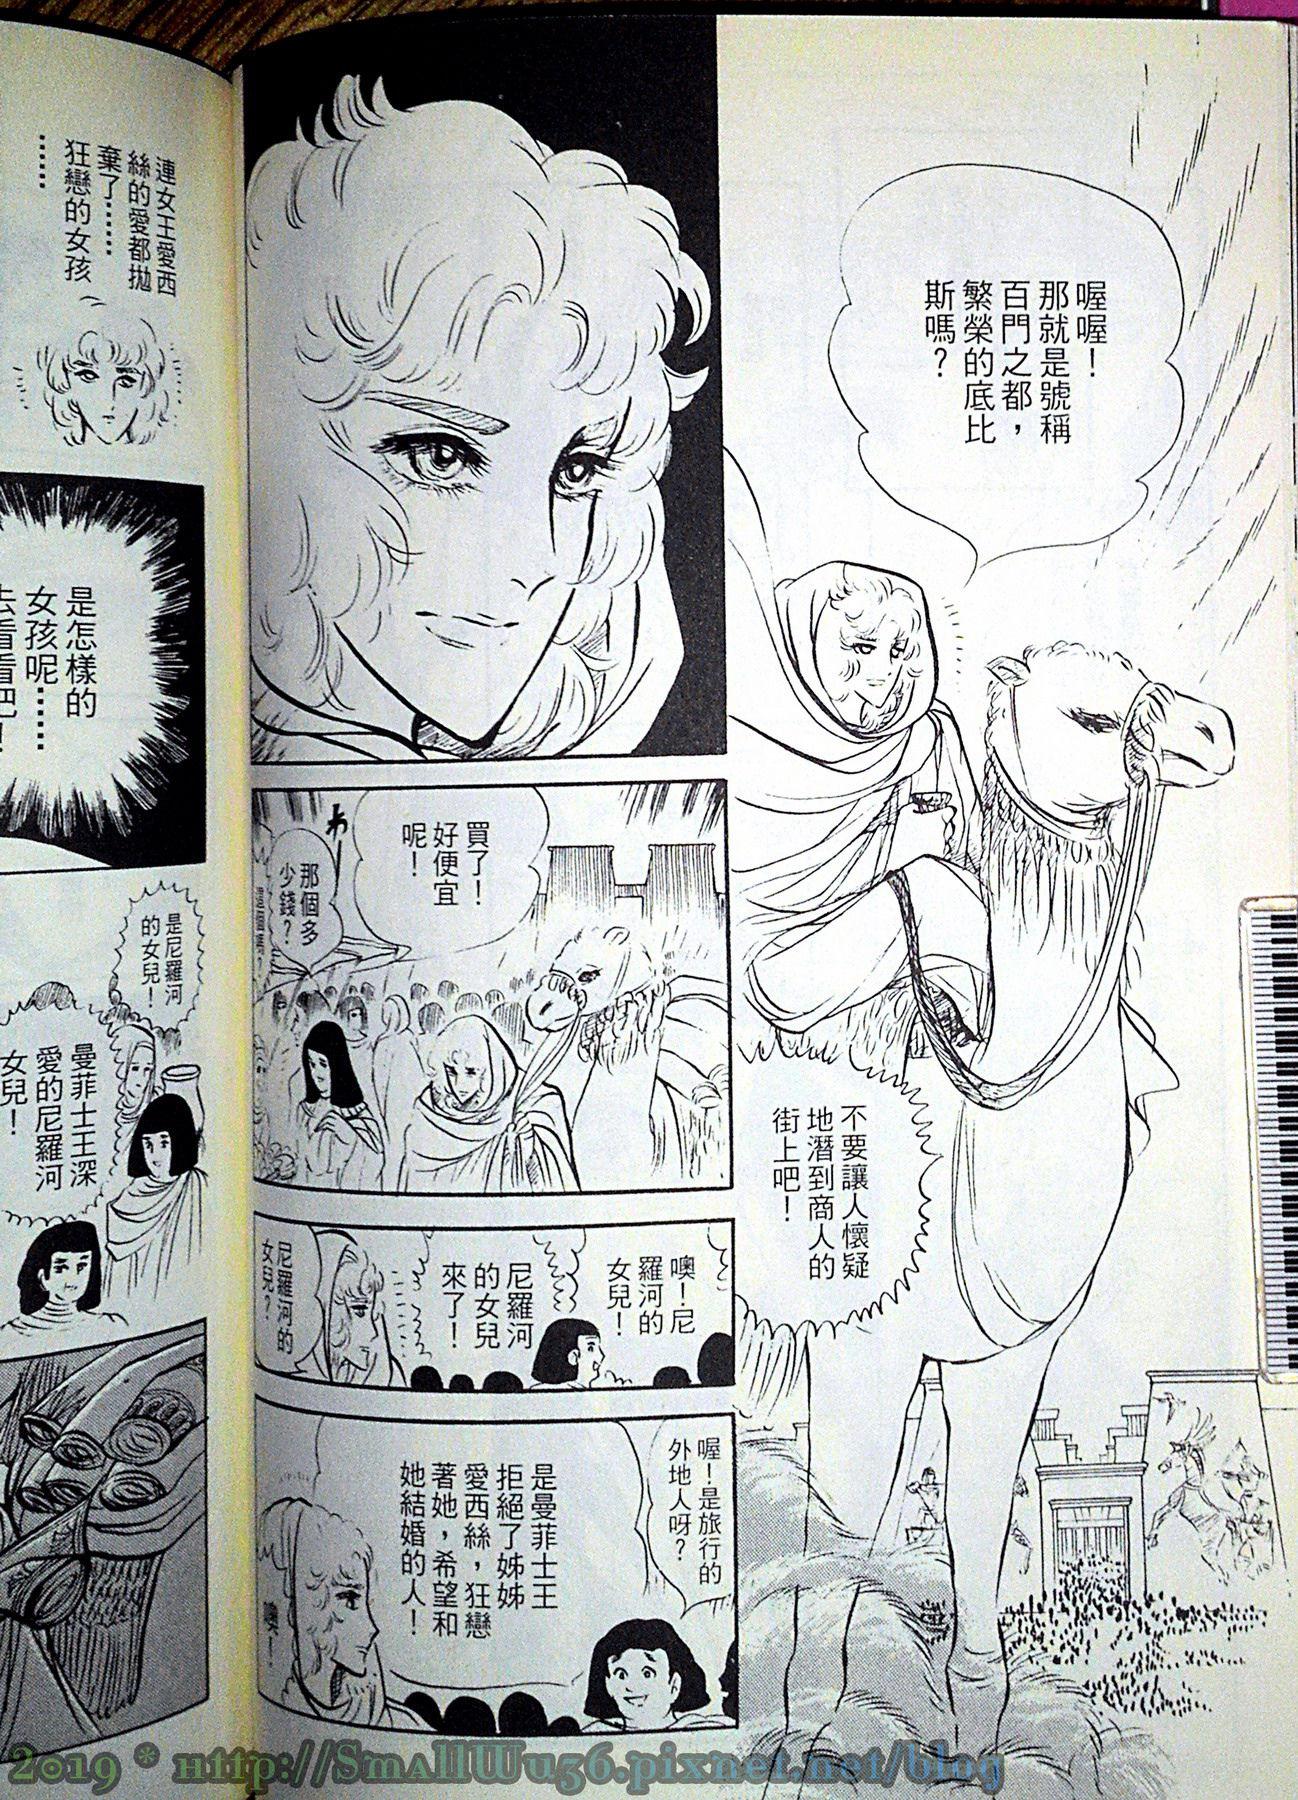 細川智榮子-王家的紋章(尼羅河女兒) 01-48 (長鴻)  vol_03 伊茲密2.jpg